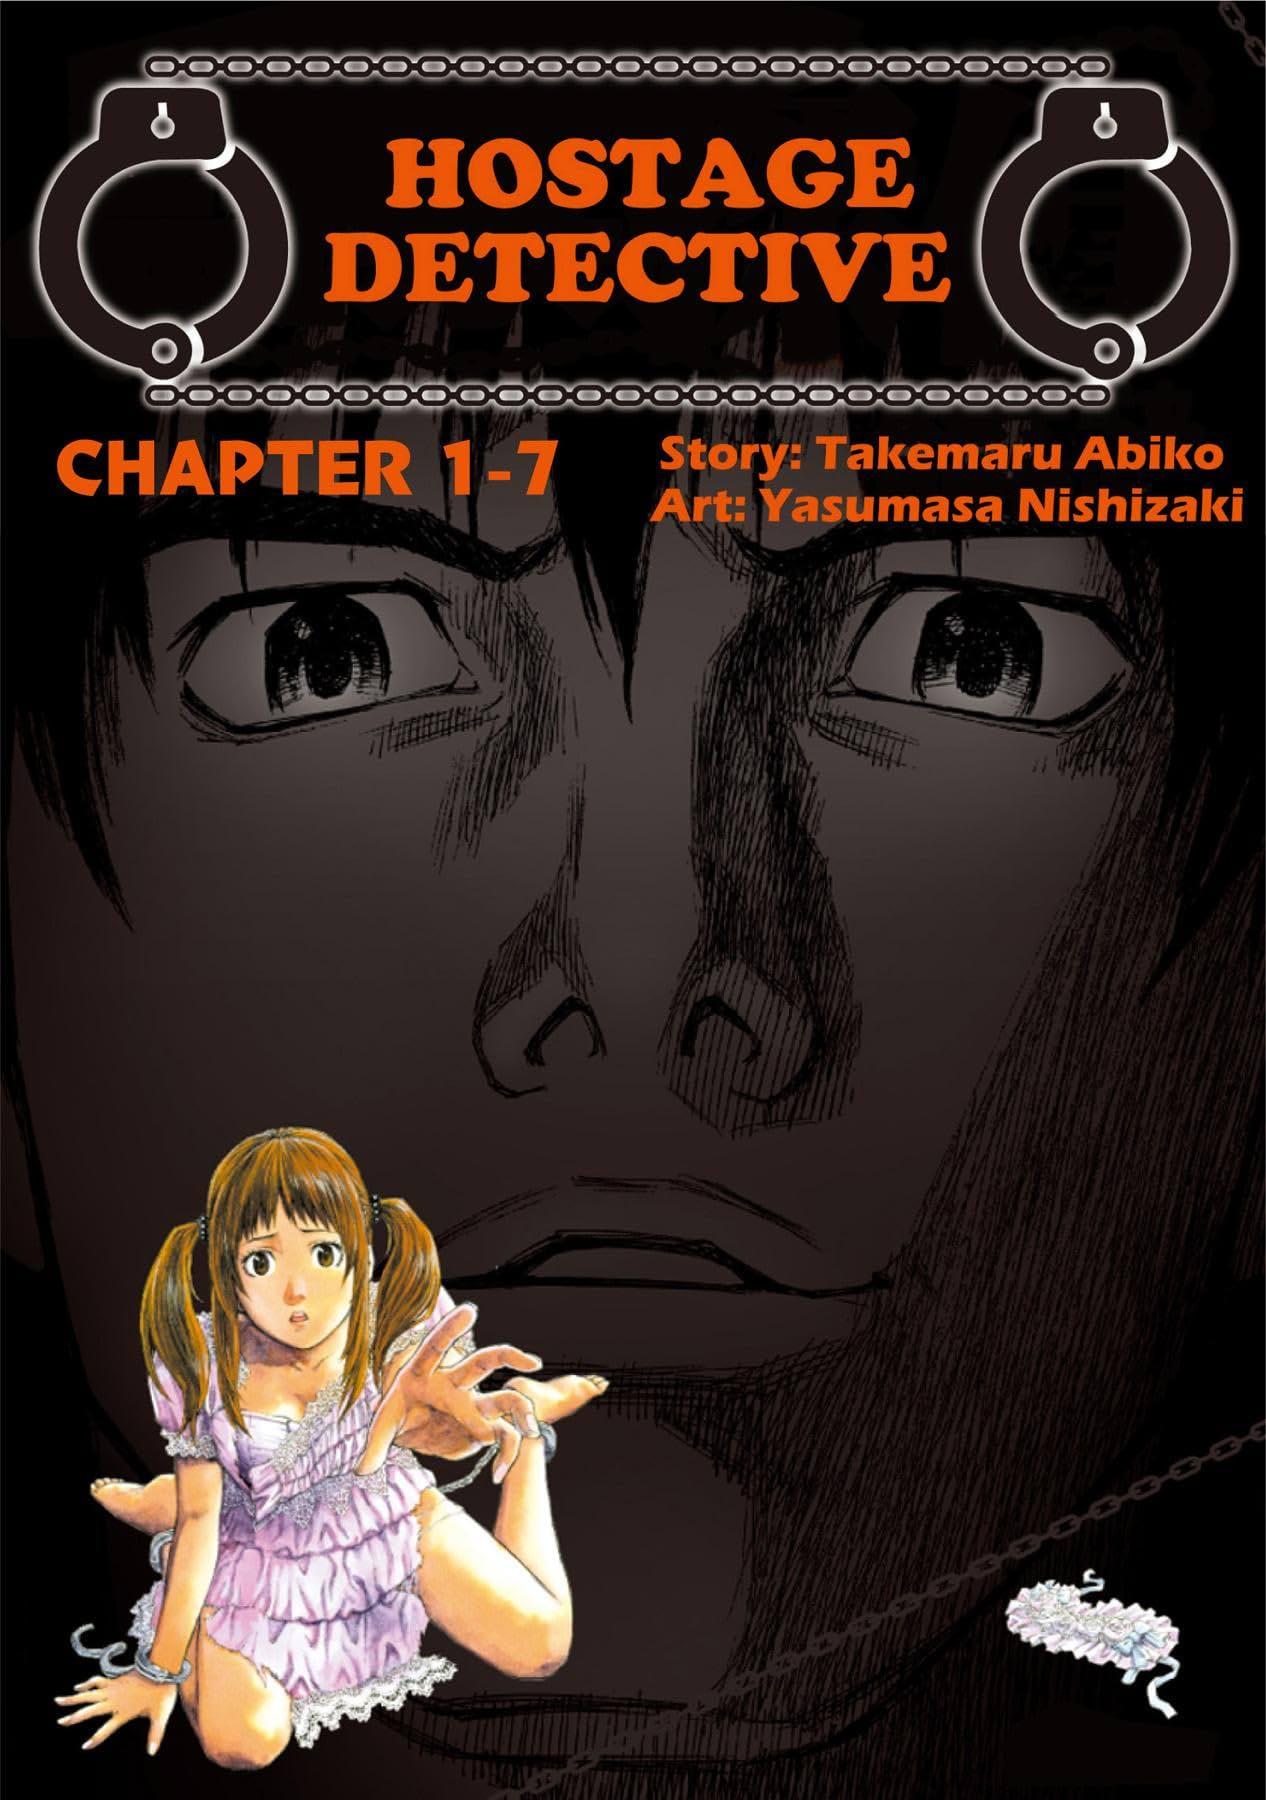 HOSTAGE DETECTIVE #7